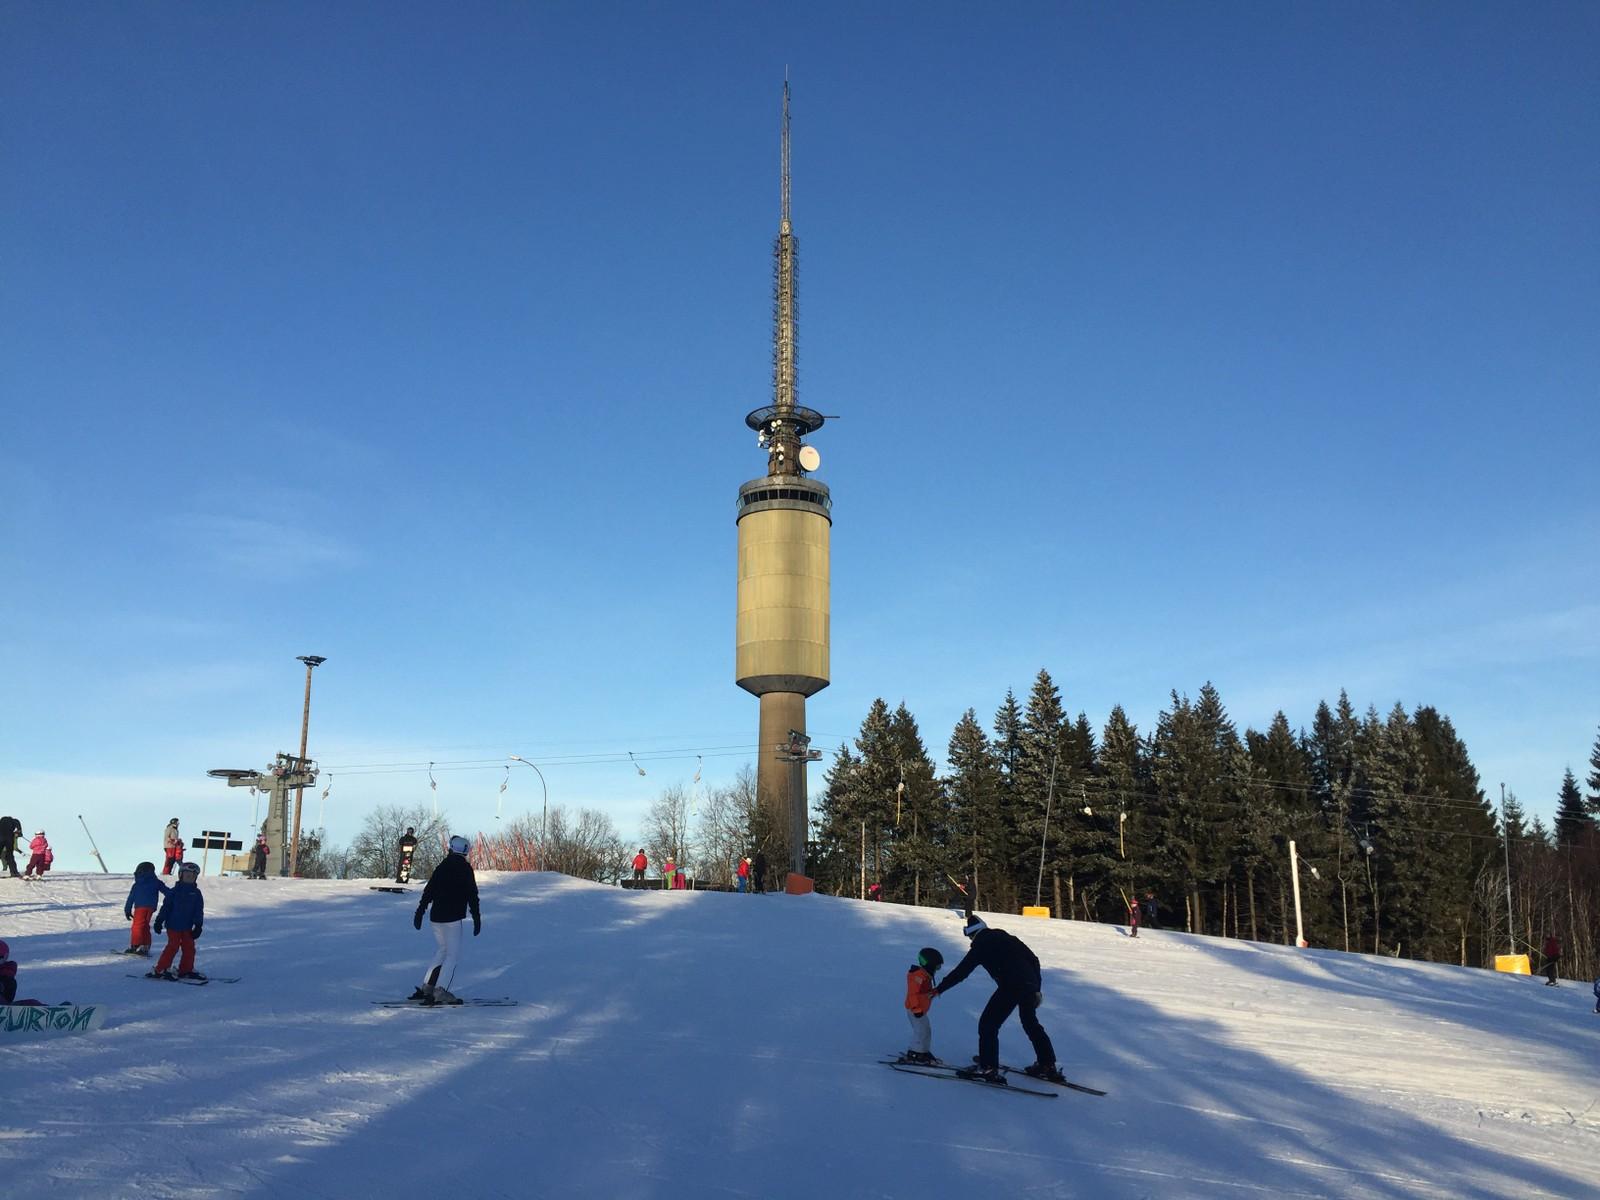 På Oslos tak: Tryvannstårnet ligger på toppen av Tryvannshøgda og skisenteret.